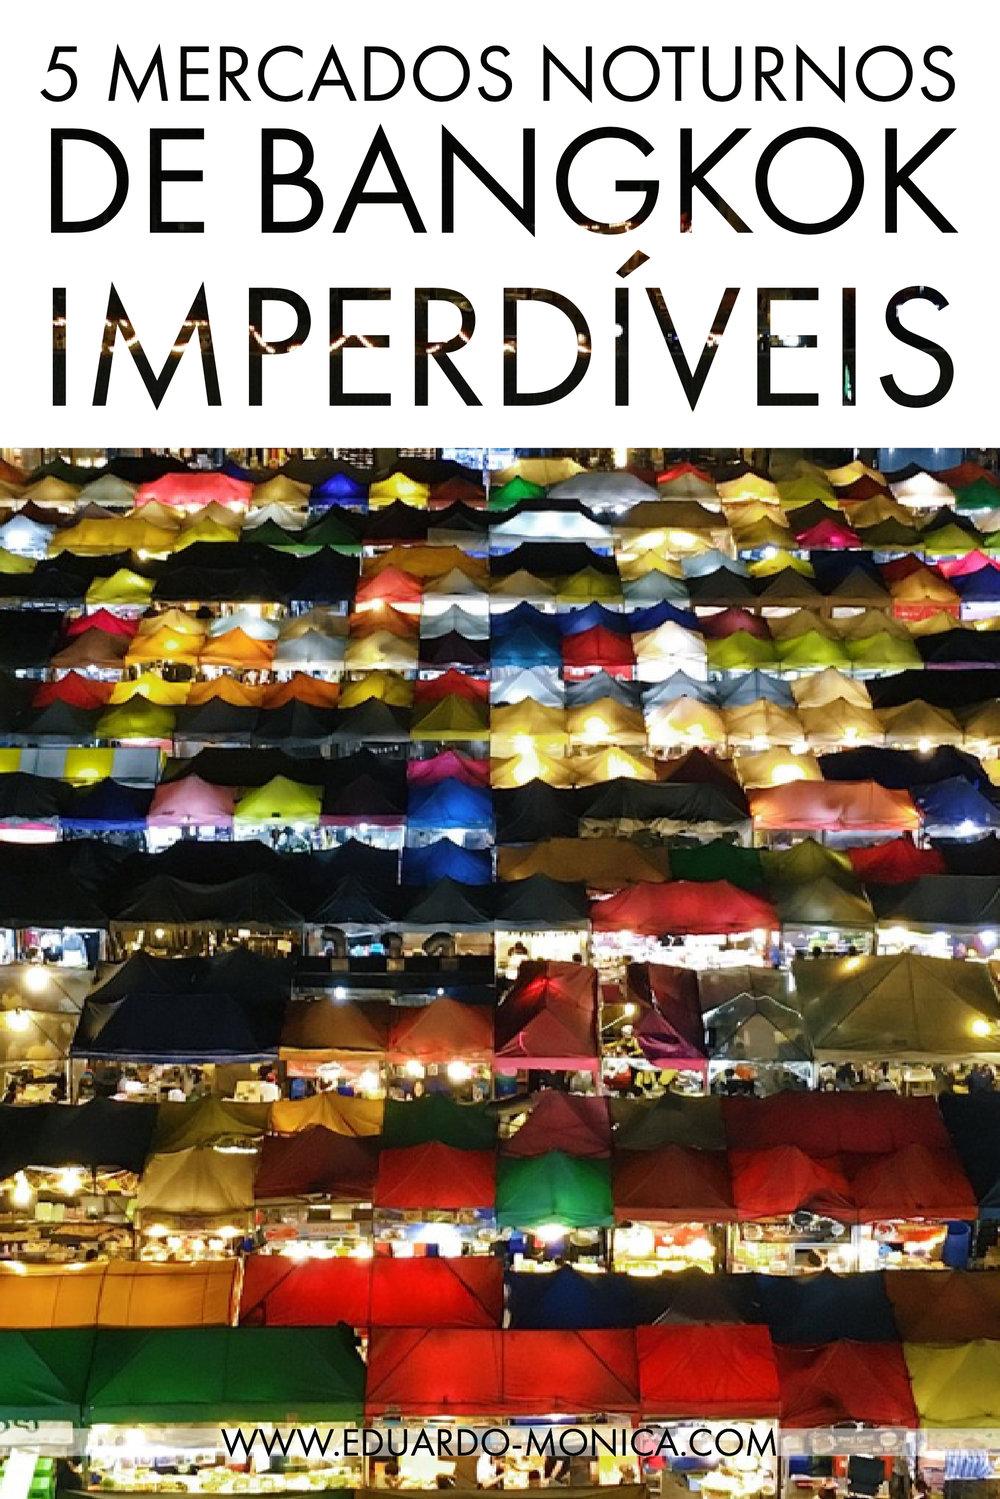 5 Mercados Noturnos de Bangkok Imperdíveis